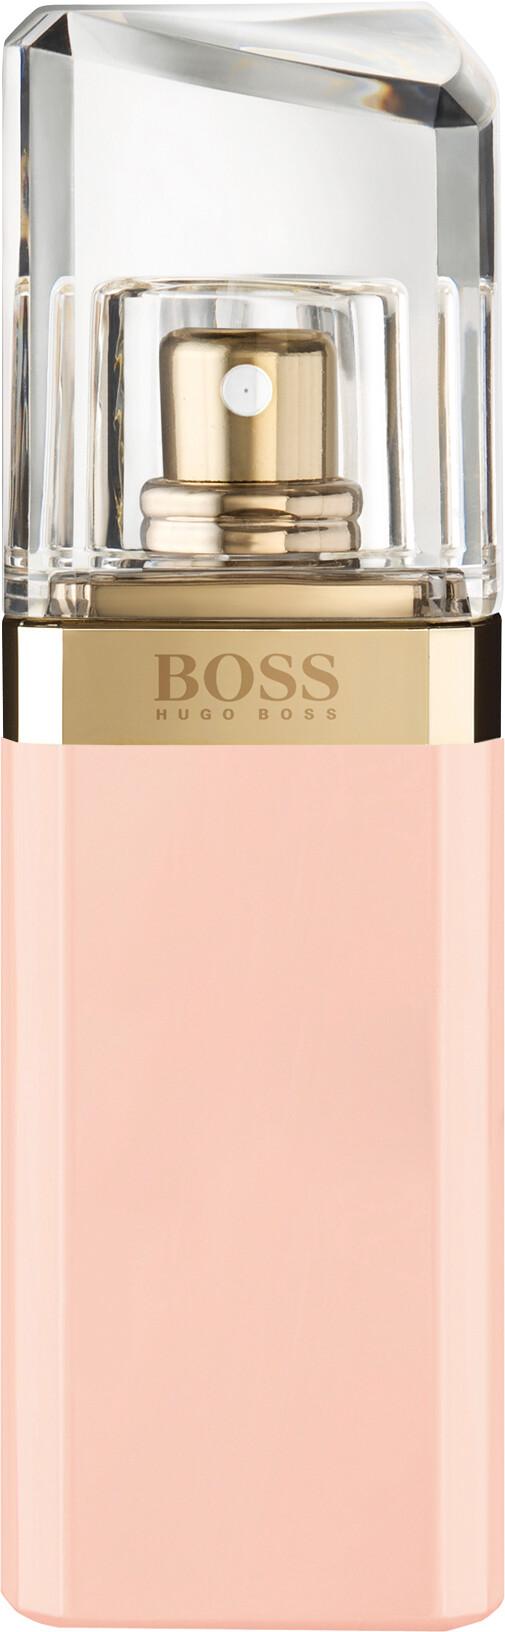 HUGO BOSS BOSS Ma Vie Pour Femme Eau de Parfum Spray 30ml